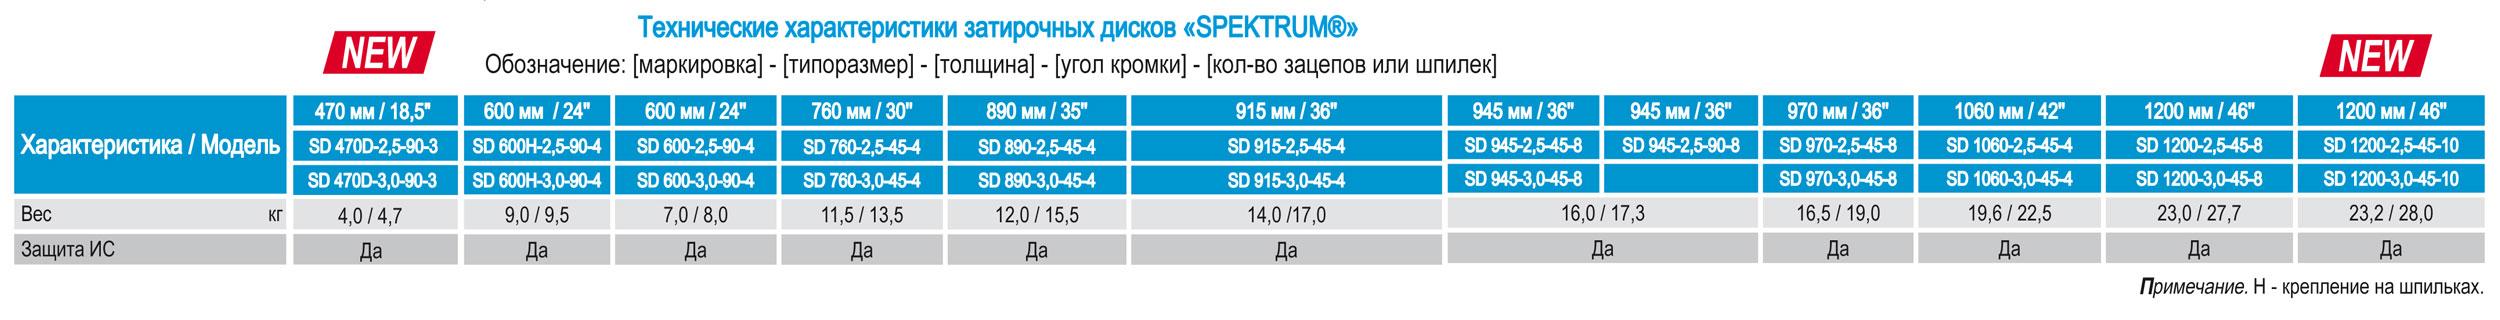 затирочные диски Спектрум Spektrum для бетоноотделочных  или затирочных машин  характеристики